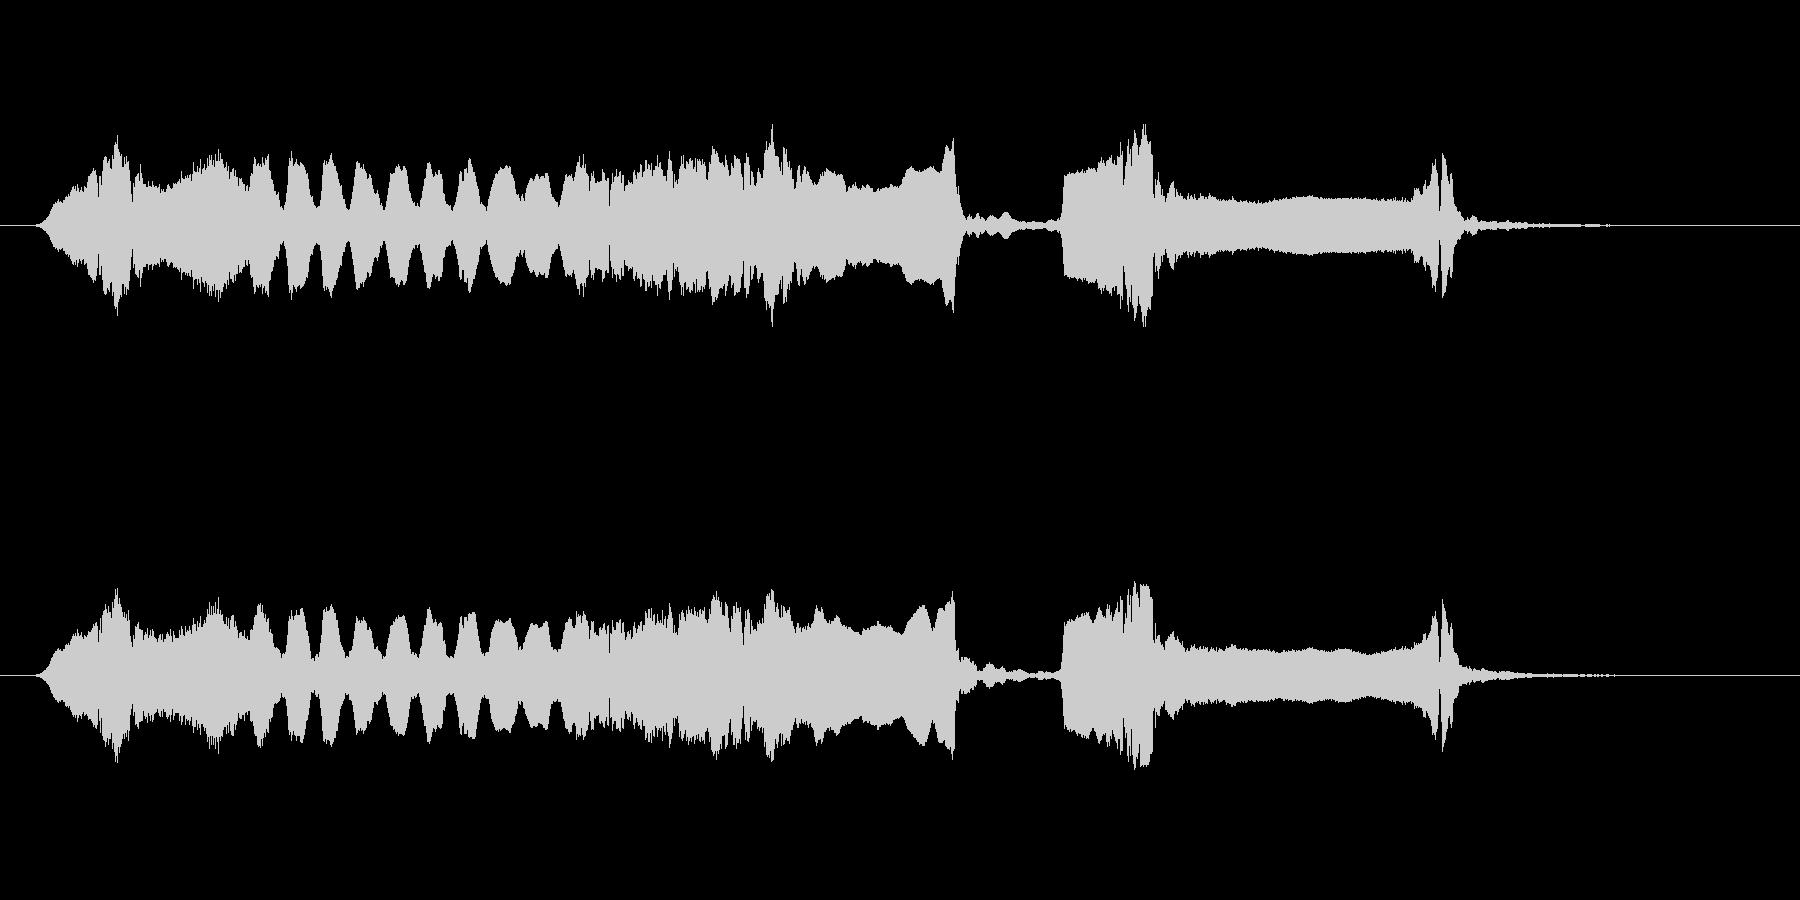 篠笛生演奏の勢いあるジングル01の未再生の波形